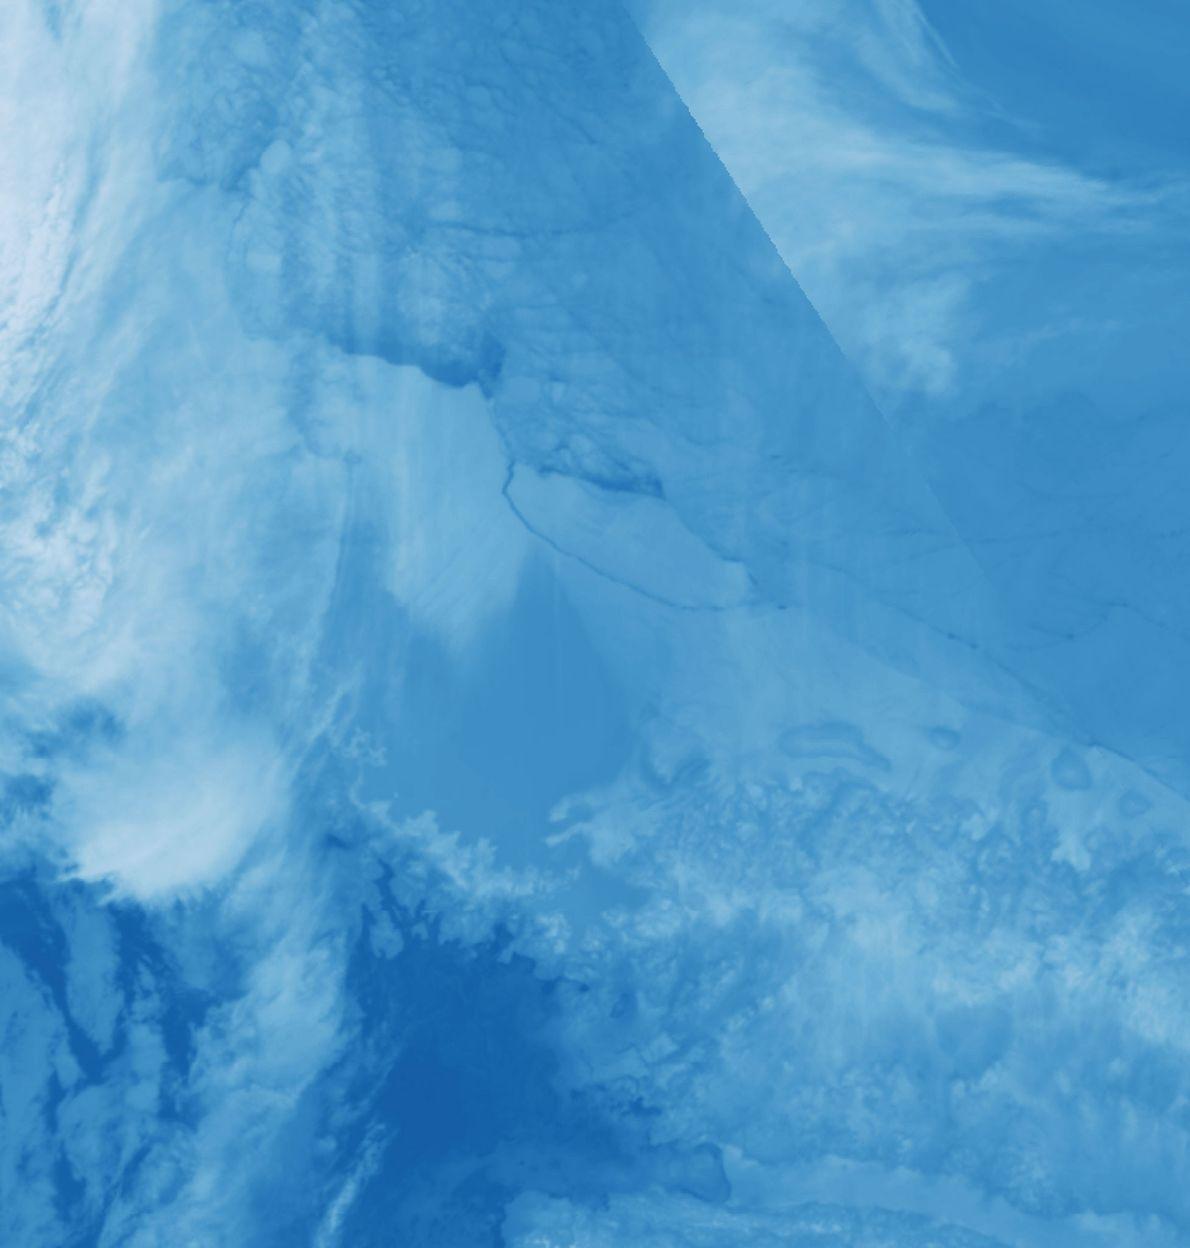 Le satellite Aqua de la NASA a pris ces images du nouvel iceberg le 12 juillet ...